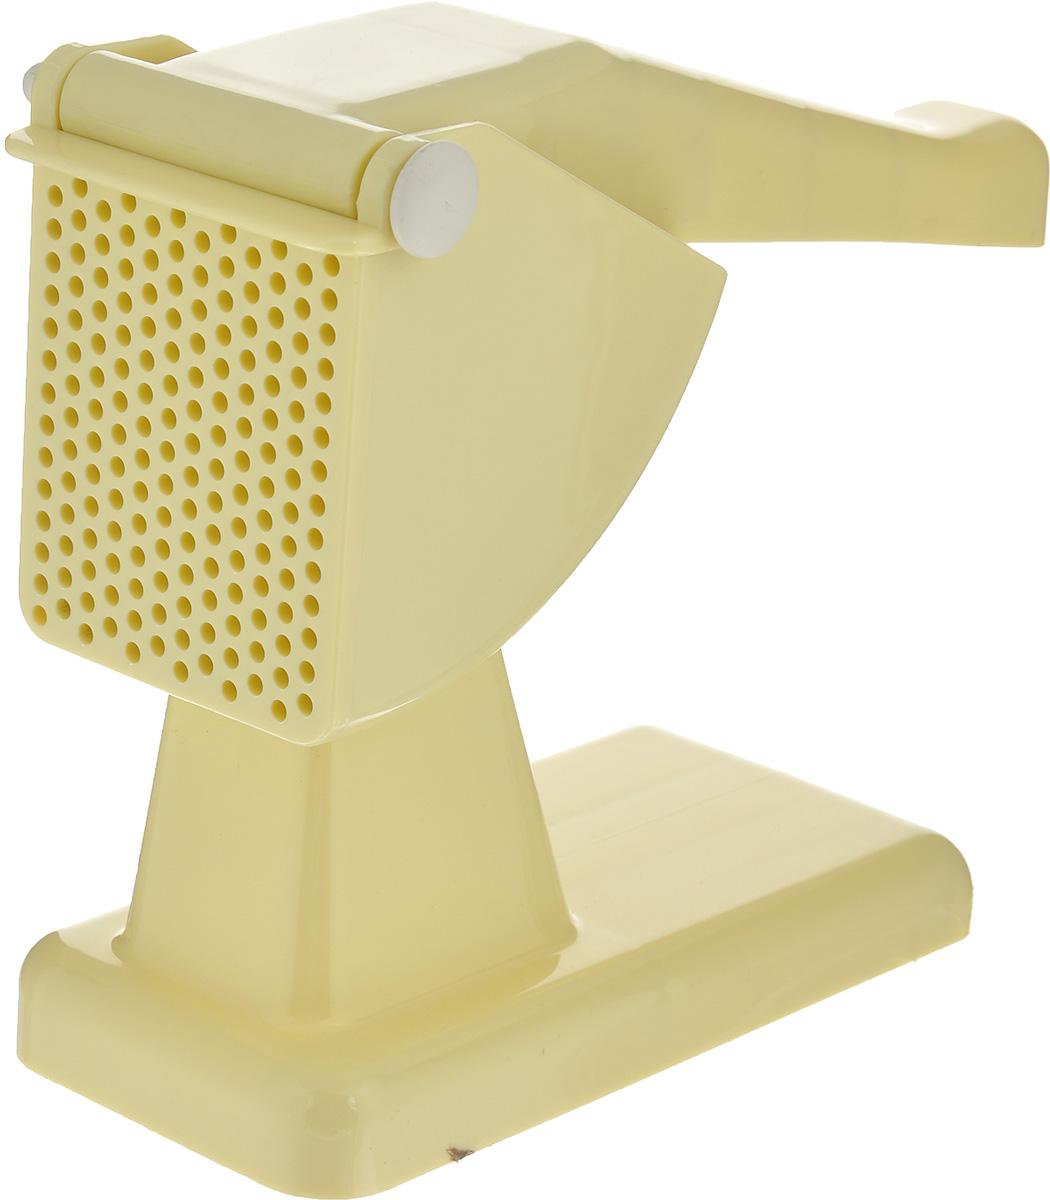 Картофелемялка Rigamonti, цвет: цвет: светло-желтый4317_светло-желтыйКартофелемялка Rigamonti, выполненная из высококачественного пластика, станет вашим незаменимым помощником на кухне. Картофелемялка предназначена для получения пюре из любых отварных овощей. Картофелемялка Rigamonti - практичный и необходимый подарок любой хозяйке!